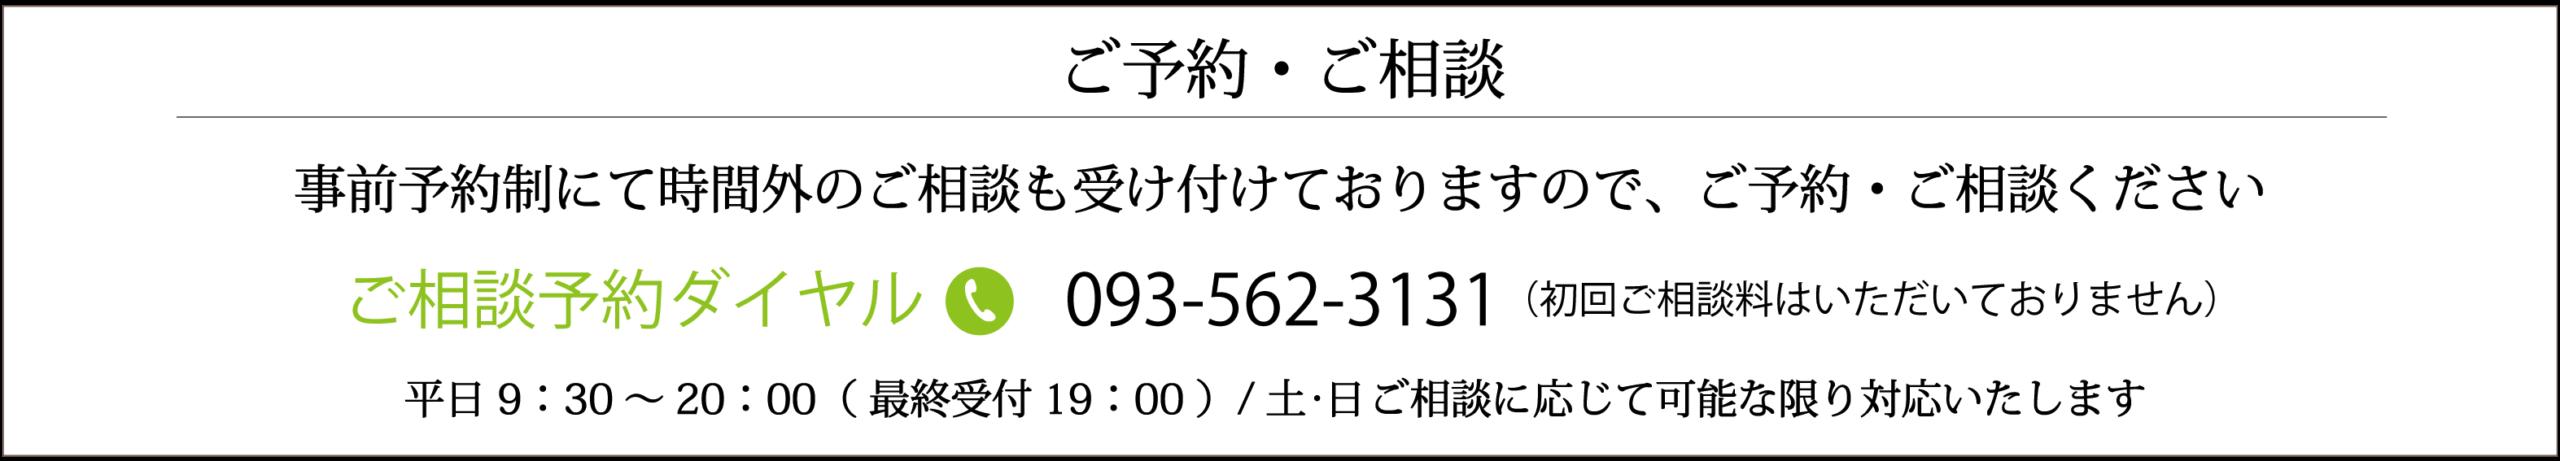 事前予約制にて時間外のご相談も受け付けておりますので、ご予約・ご相談くださいご相談予約ダイヤル093-562-3131日 17:00~20:00( 最終受付19:00 )/土 ・日 ご相談に応じて可能な限り対応いたします